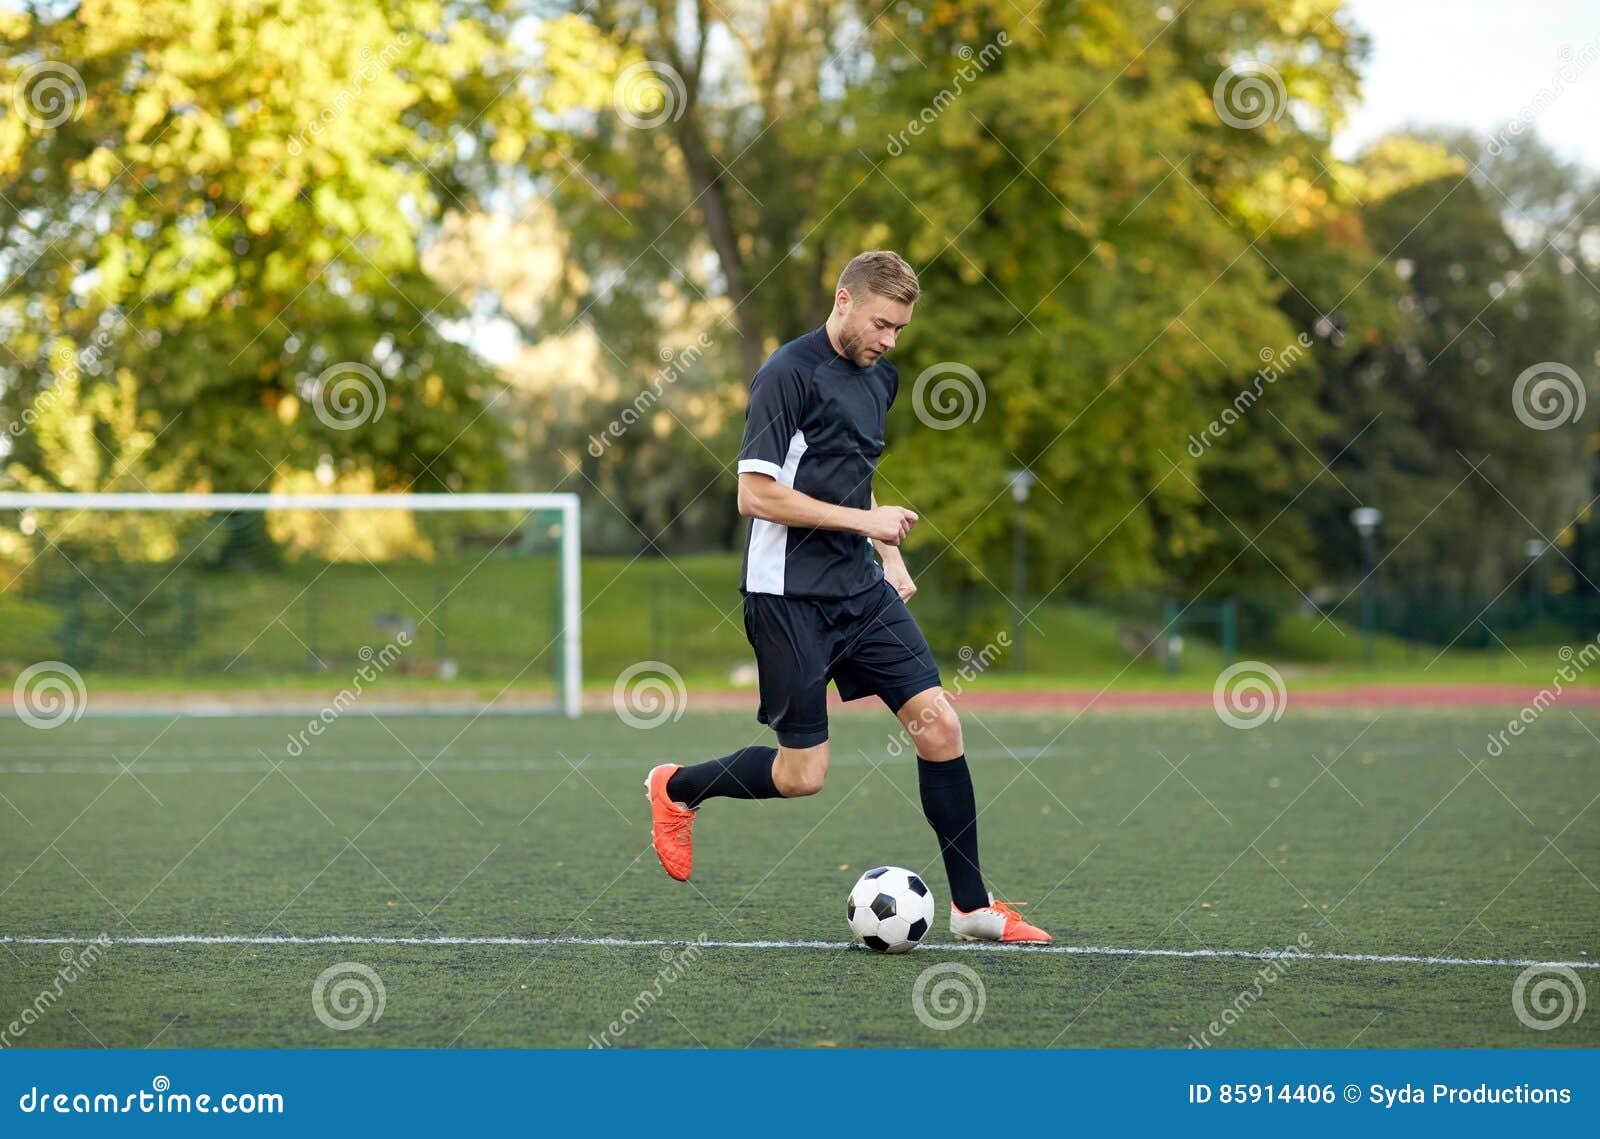 Футболист играя с шариком на футбольном поле